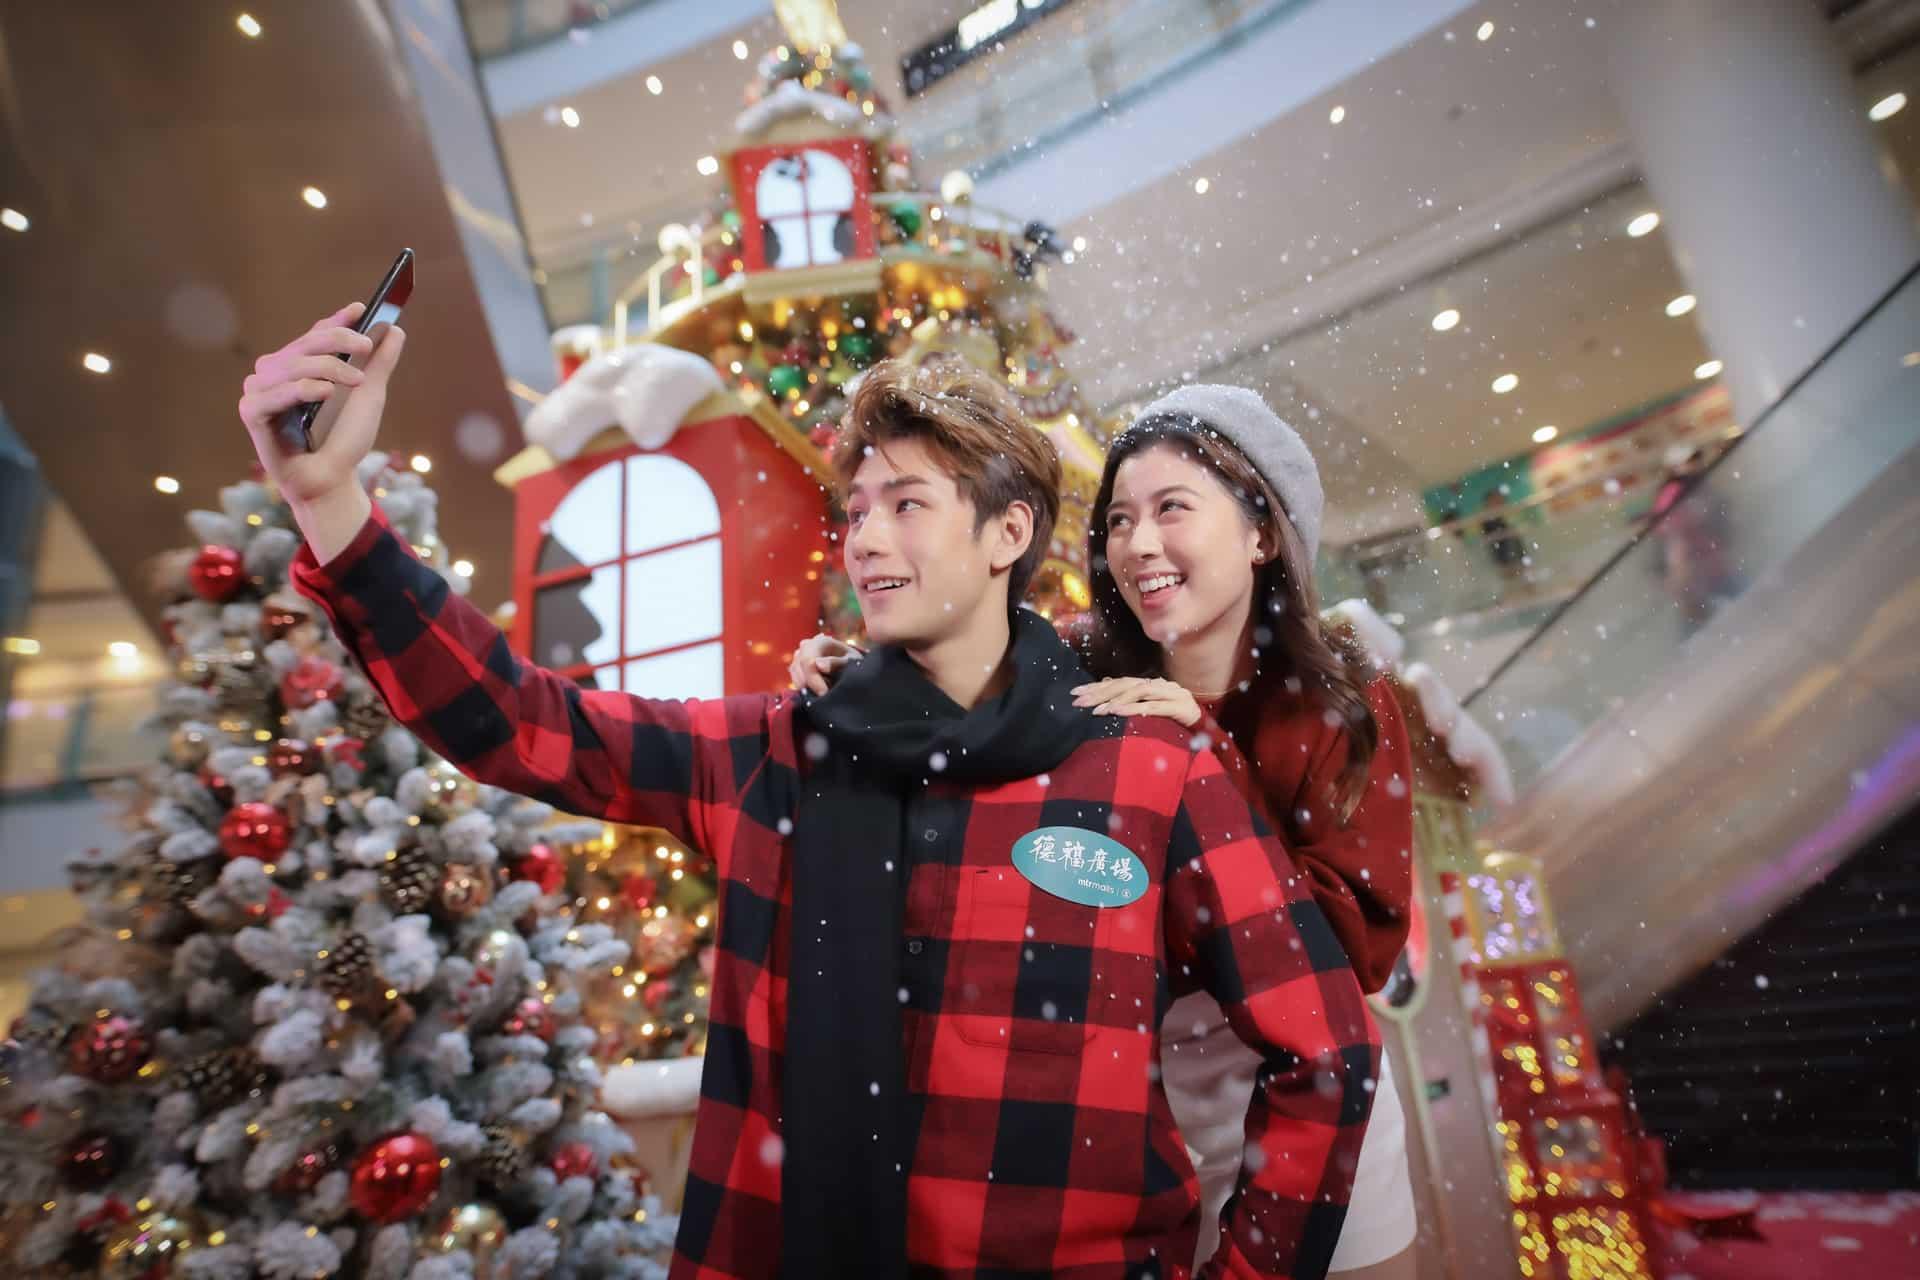 德福廣場:互動聖誕嘉年華 德福廣場2期內有巨型聖誕樹坐陣,同場加映夢幻飄雪。